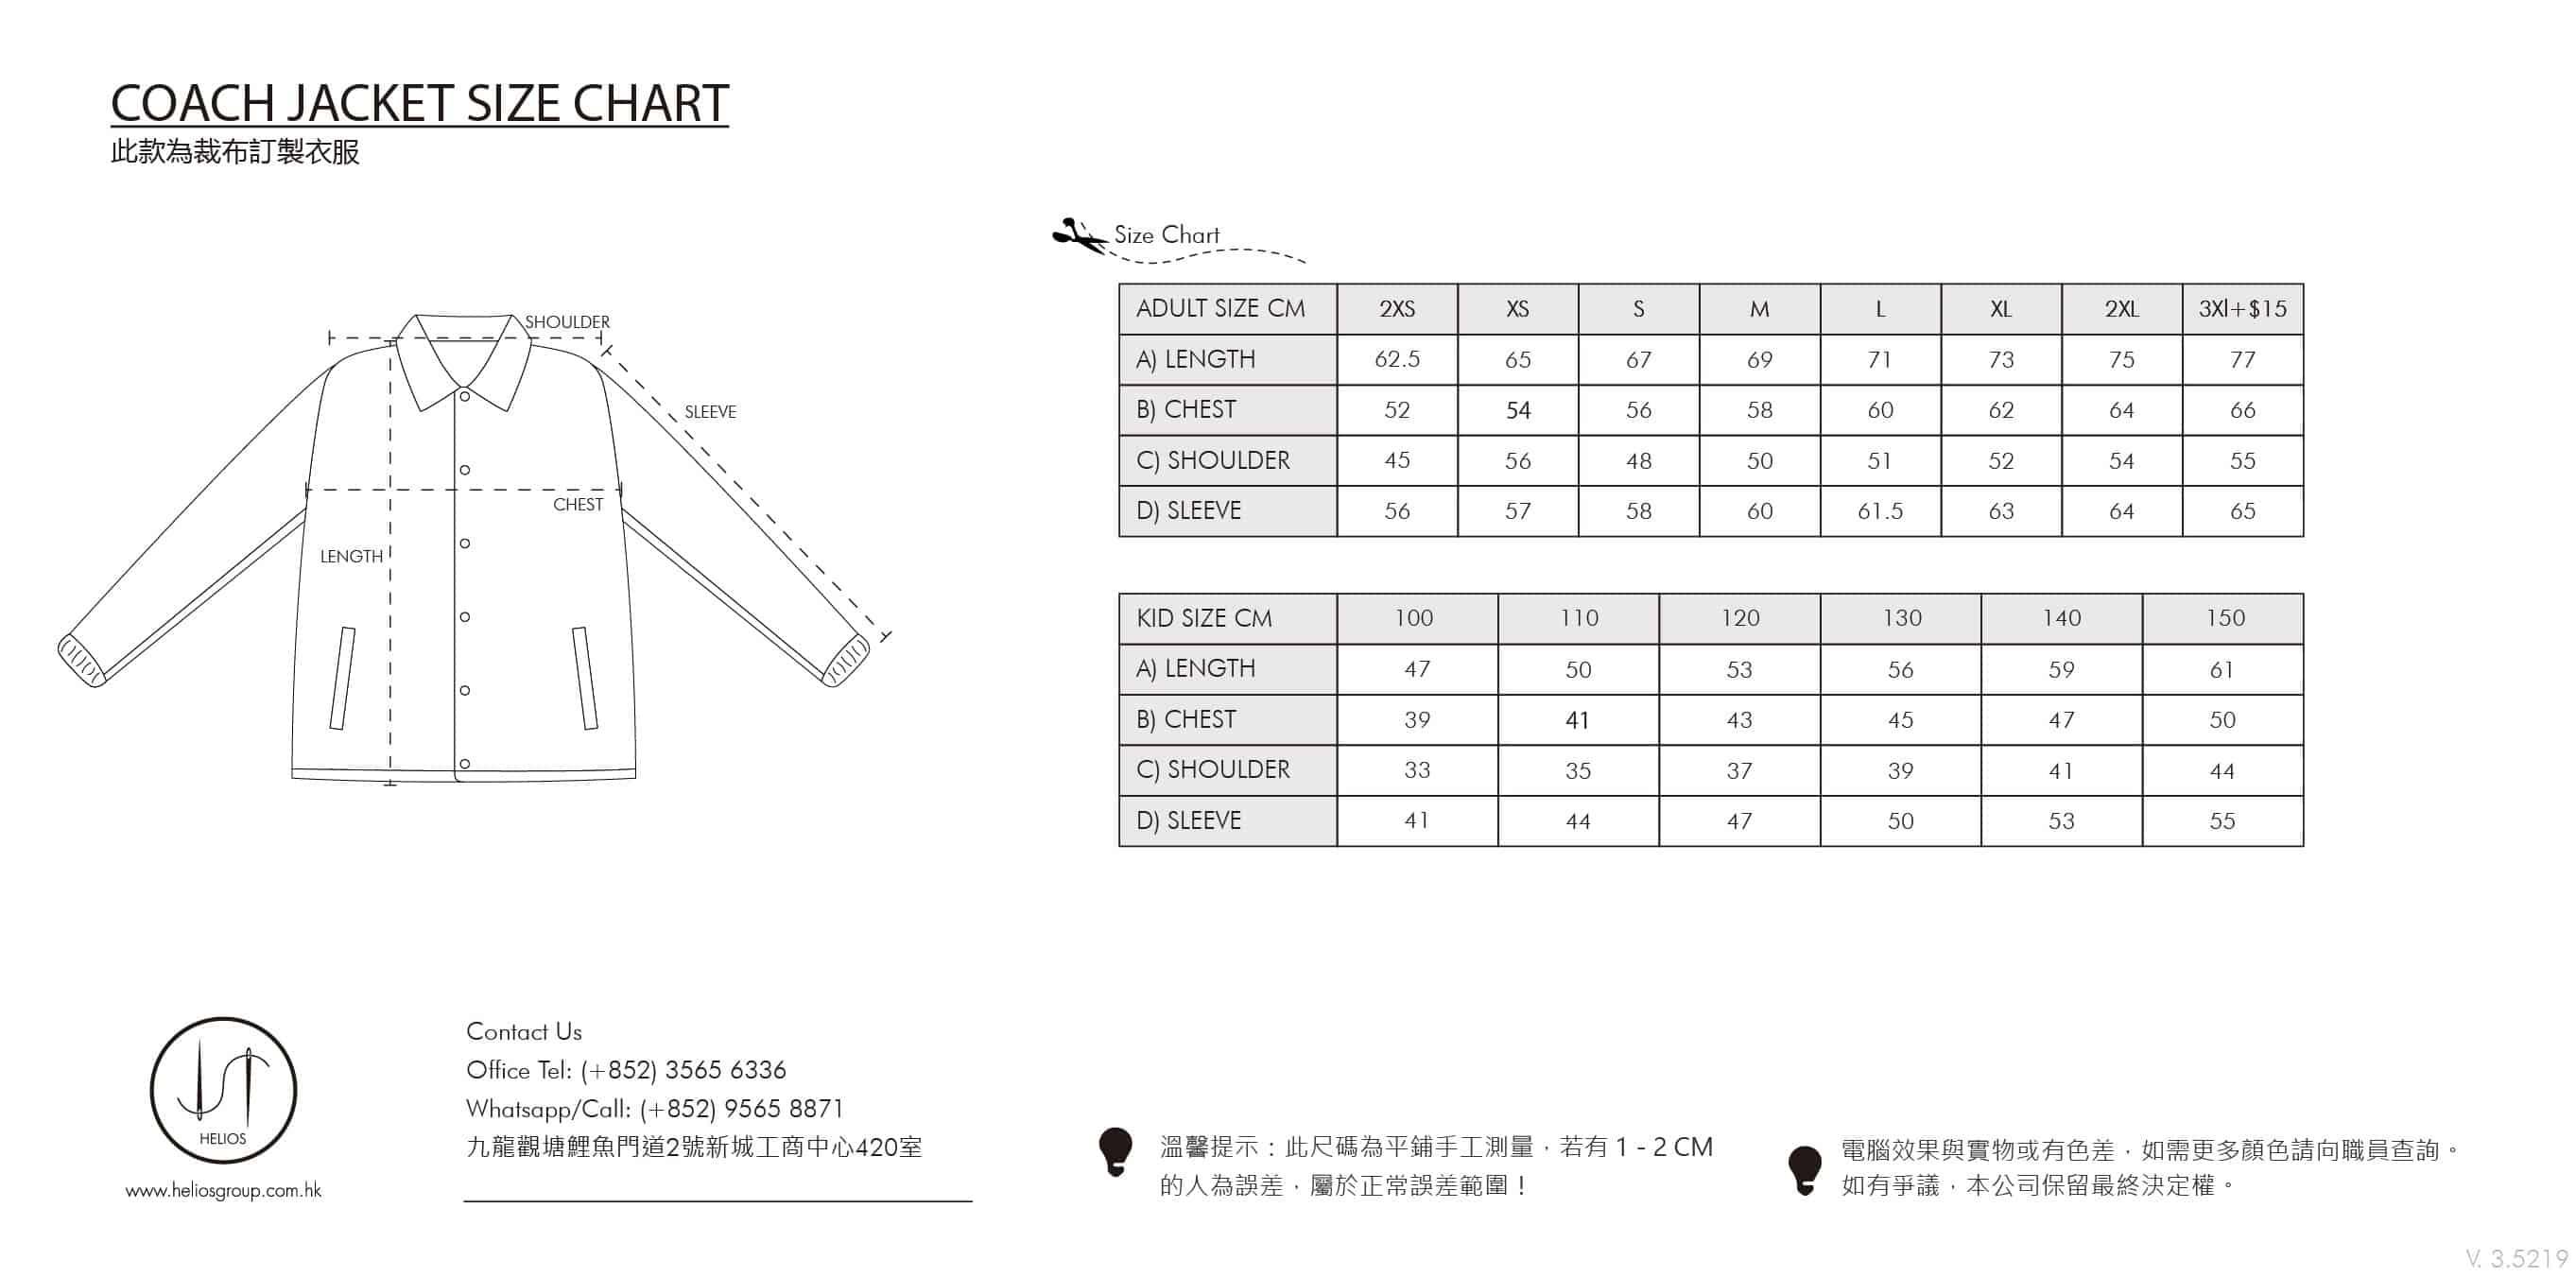 裁布製 COACH JACKET 尺碼表